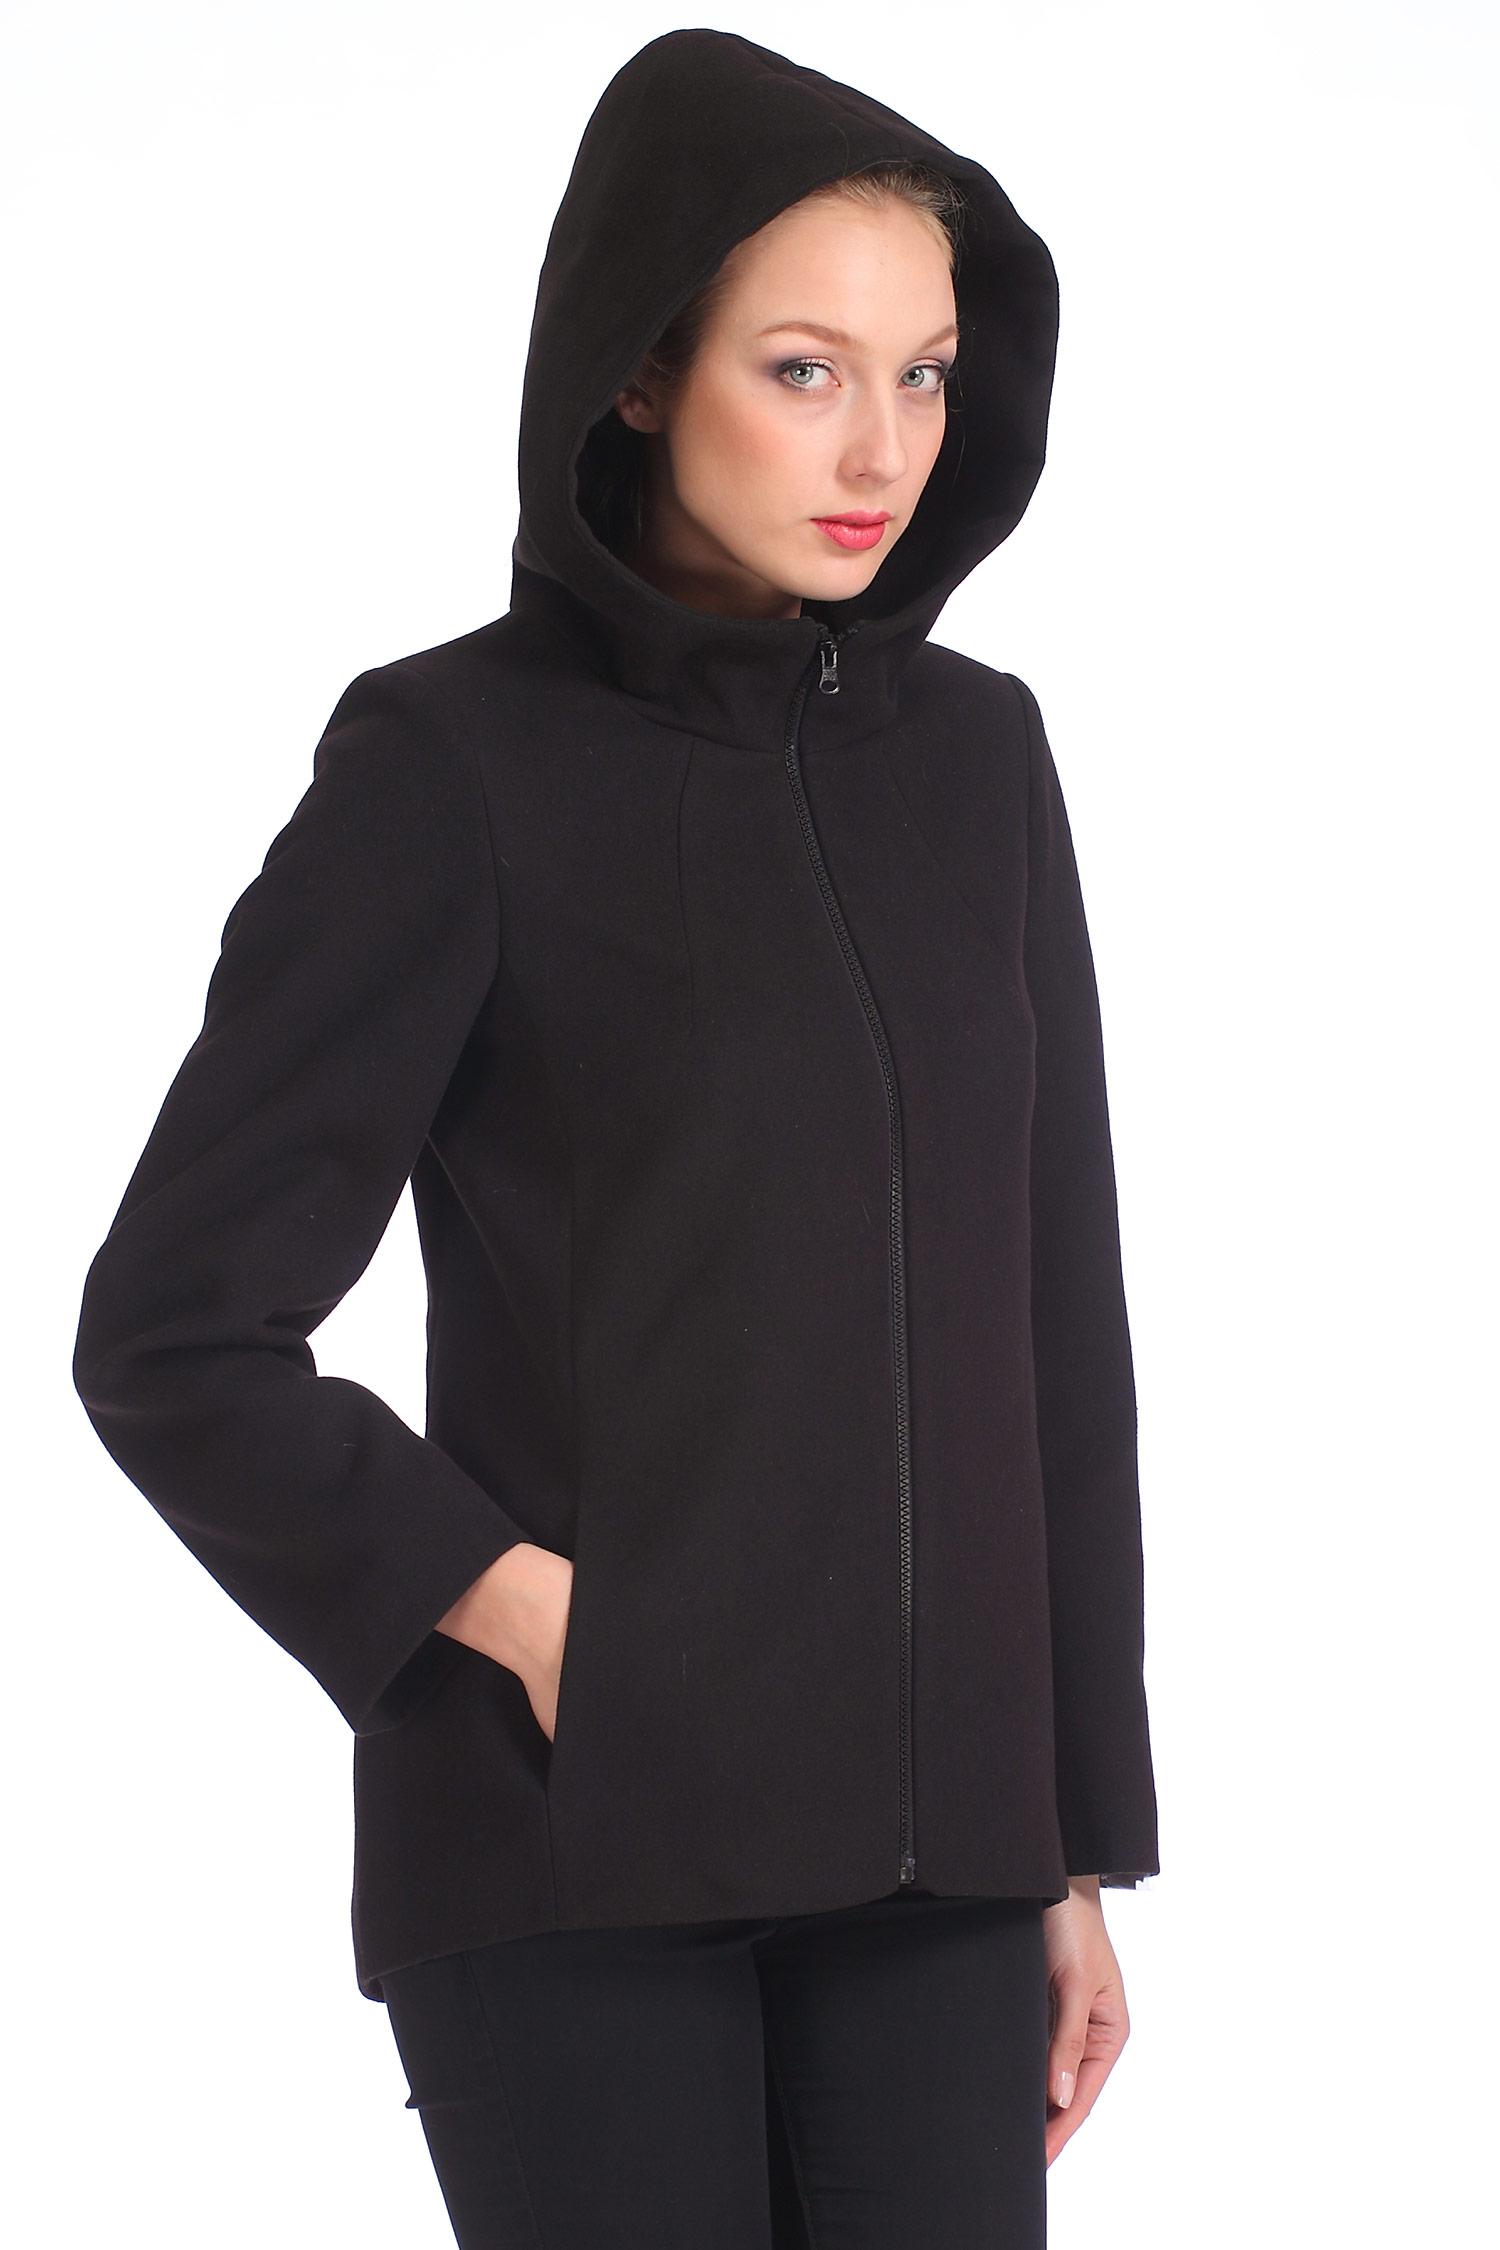 Женское пальто с капюшоном, без отделки<br><br>Воротник: капюшон<br>Длина см: Короткая (51-74 )<br>Материал: Комбинированный состав<br>Цвет: черный<br>Вид застежки: центральная<br>Застежка: на молнии<br>Пол: Женский<br>Размер RU: 48